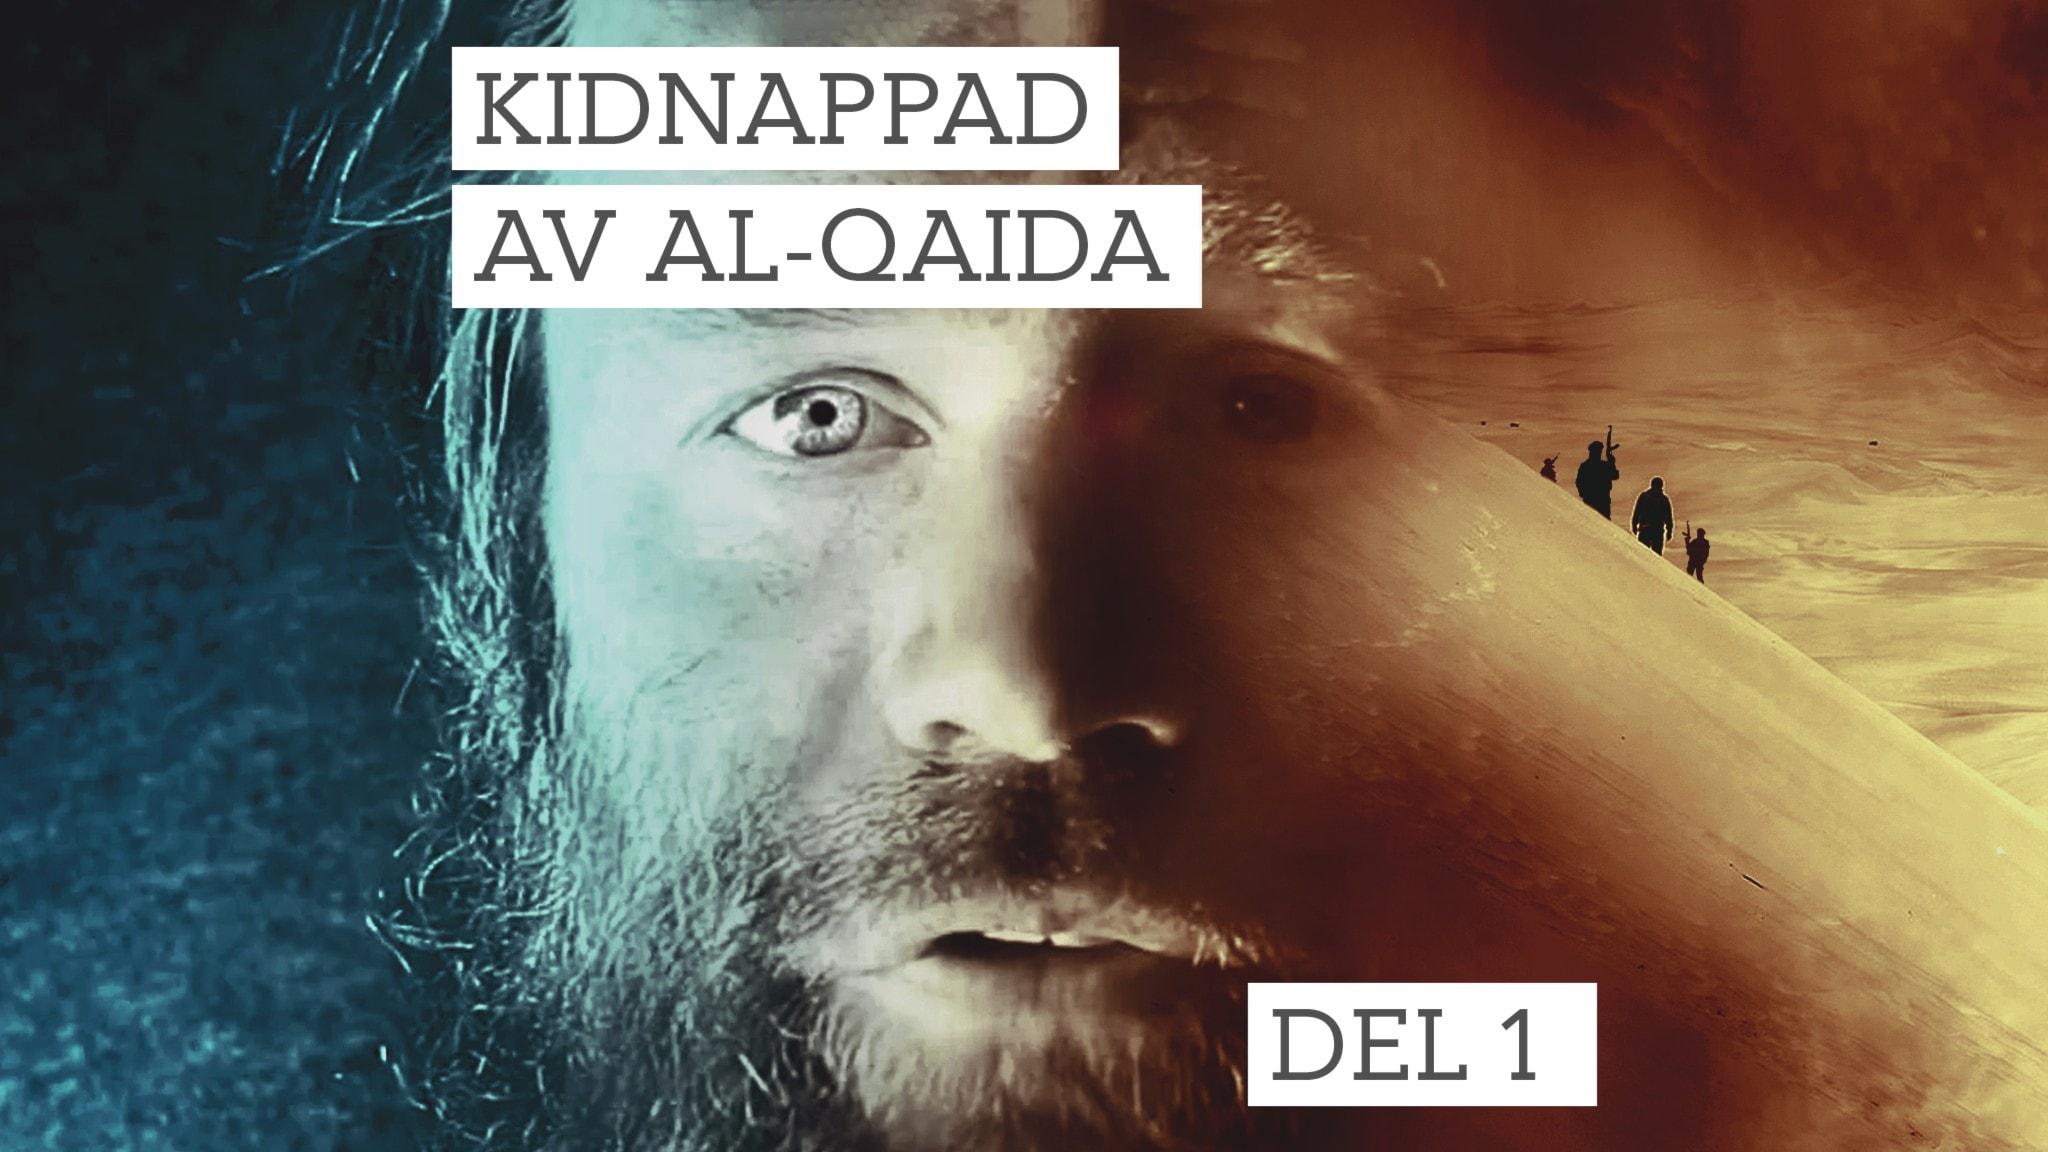 Johan Gustafsson sitter i öknen, tillfångatagen av al-Qaida.